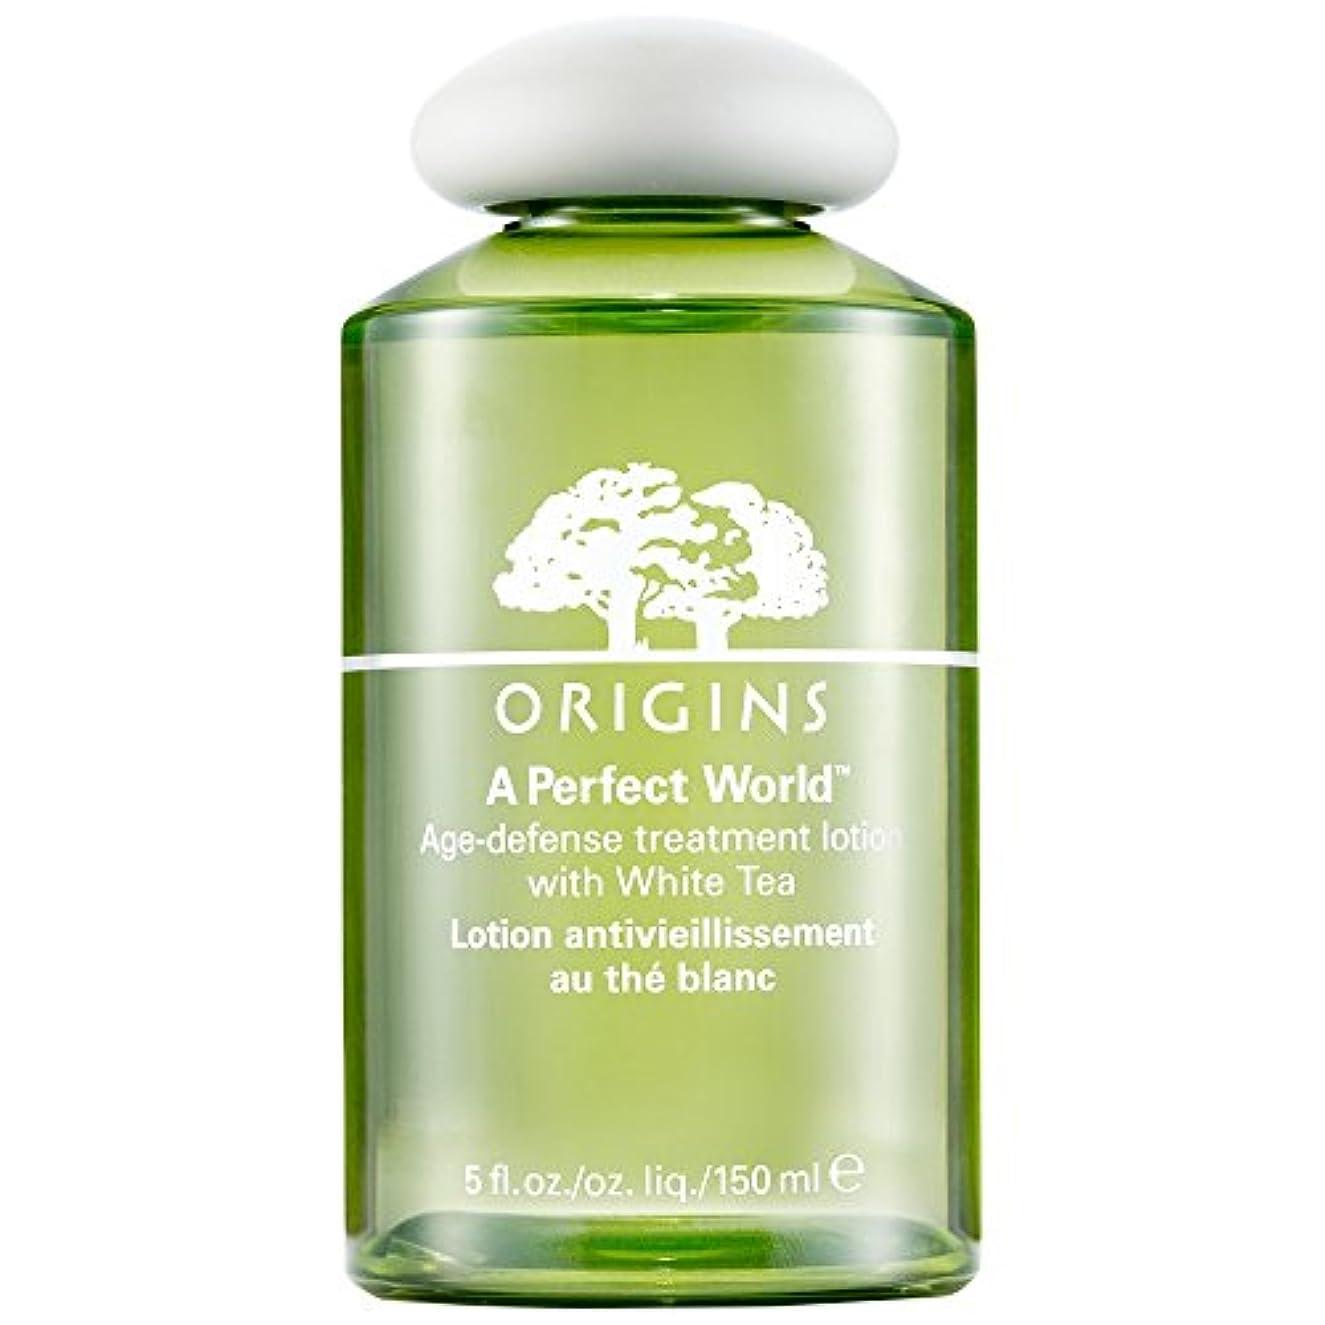 民間うぬぼれた九起源ホワイトティー、150ミリリットルとの完璧な世界の年齢防衛トリートメントローション (Origins) (x2) - Origins A Perfect World Age Defense Treatment Lotion...